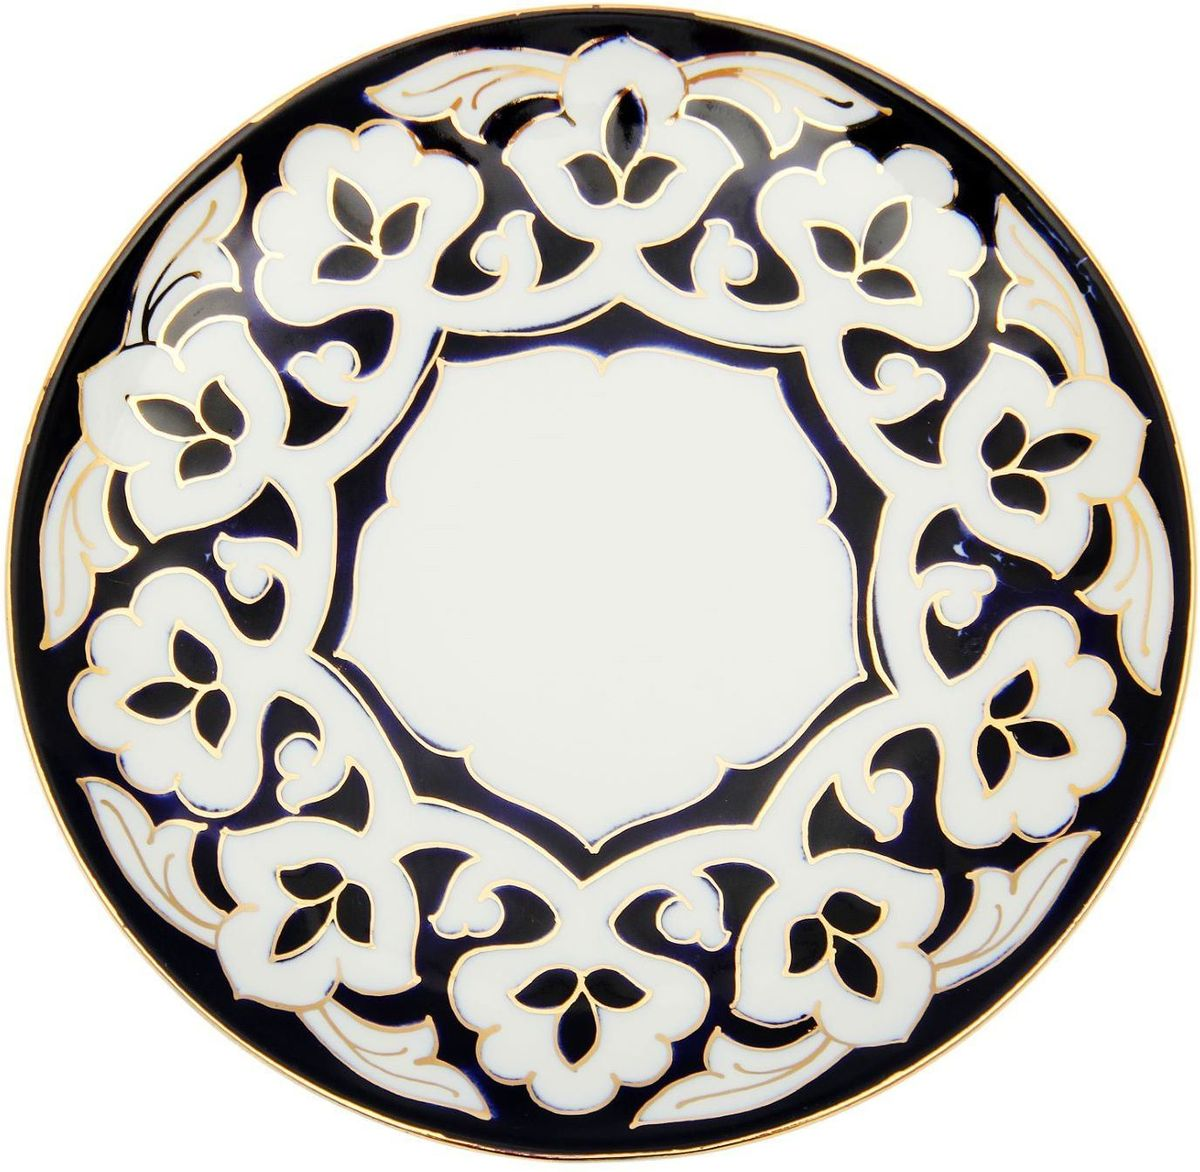 Тарелка Turon Porcelain Пахта, цвет: белый, синий, золотистый, диаметр 19,5 см1625357Узбекская посуда известна всему миру уже более тысячи лет. Ей любовались царские особы, на ней подавали еду для шейхов и знатных персон. Формулы красок и глазури передаются из поколения в поколение. По сей день качественные расписные изделия продолжают восхищать совершенством и завораживающей красотой.Данный предмет подойдёт для повседневной и праздничной сервировки. Дополните стол текстилем и салфетками в тон, чтобы получить элегантное убранство с яркими акцентами.Национальная узбекская роспись «Пахта» сдержанна и благородна. Витиеватые узоры выводятся тонкой кистью, а фон заливается кобальтом. Синий краситель при обжиге слегка растекается и придаёт контуру изображений голубой оттенок. Густая глазурь наносится толстым слоем, благодаря чему рисунок мерцает.